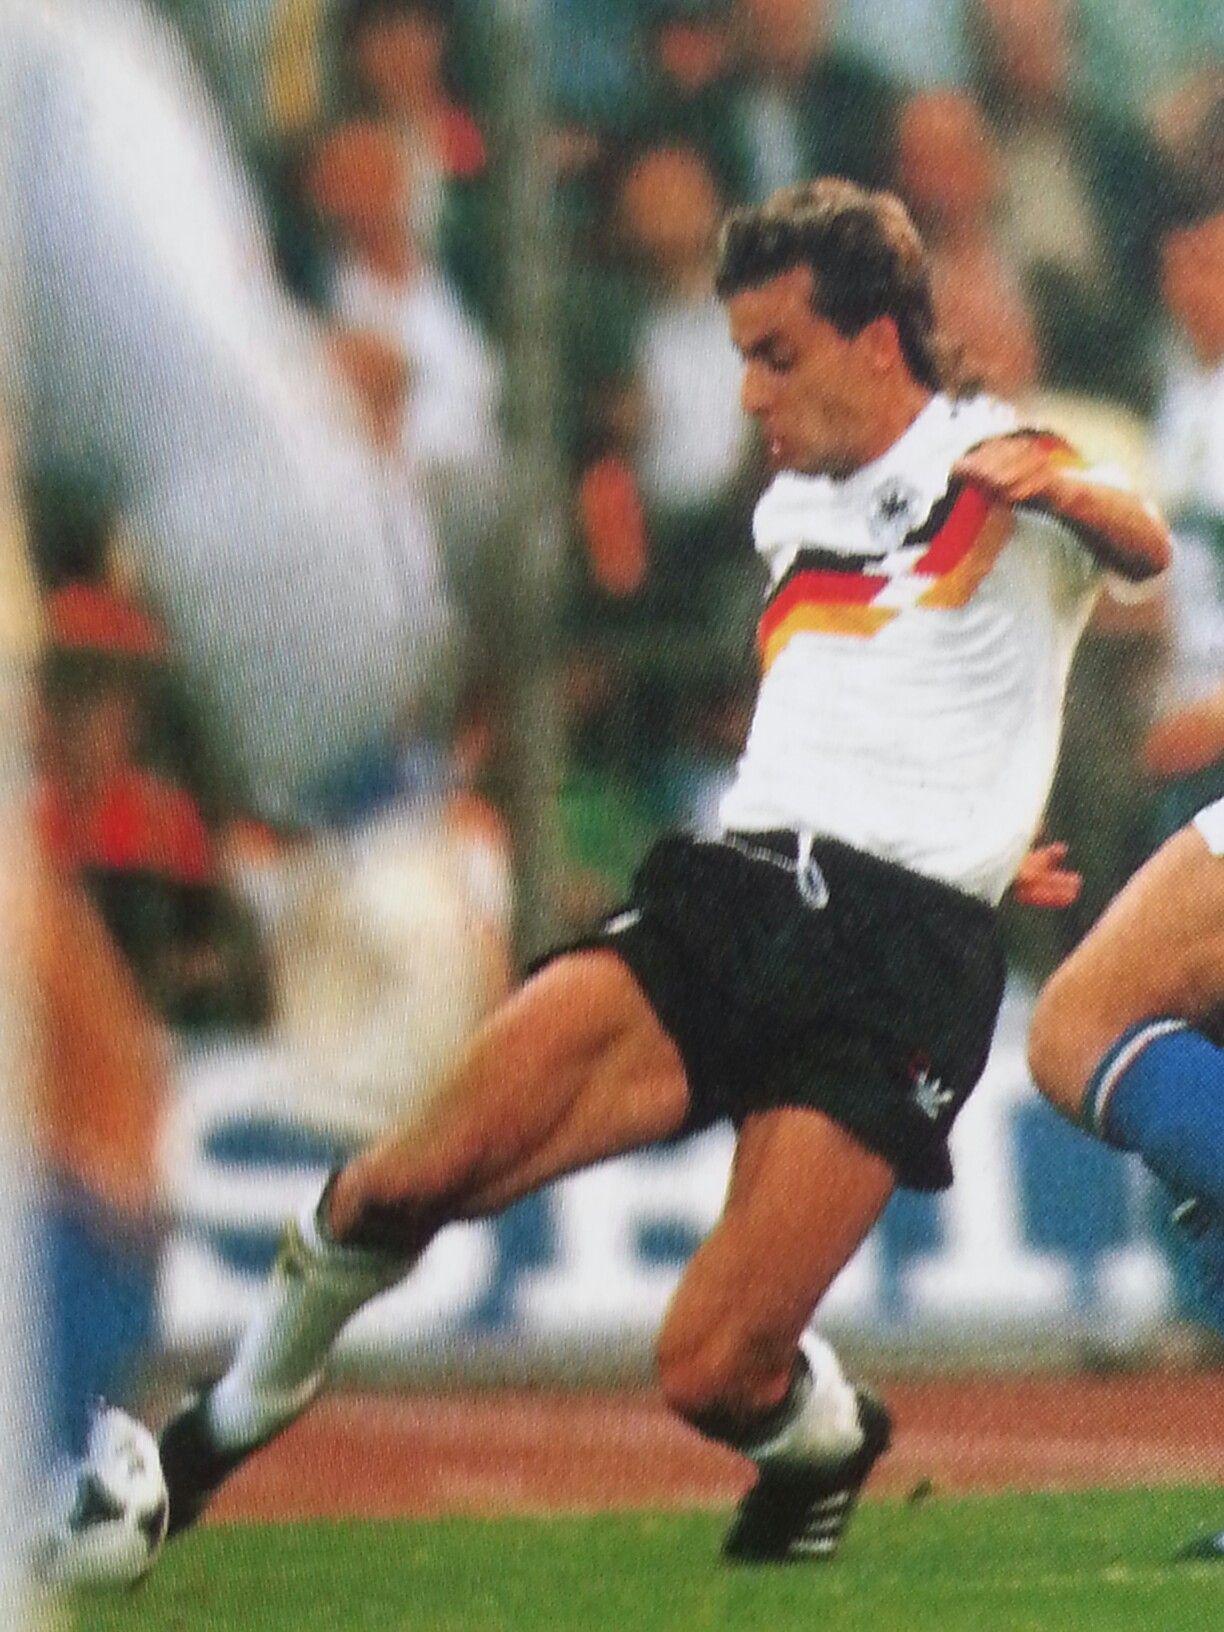 Pin de Edmund Han em Футбол Lendas do futebol, Lendas